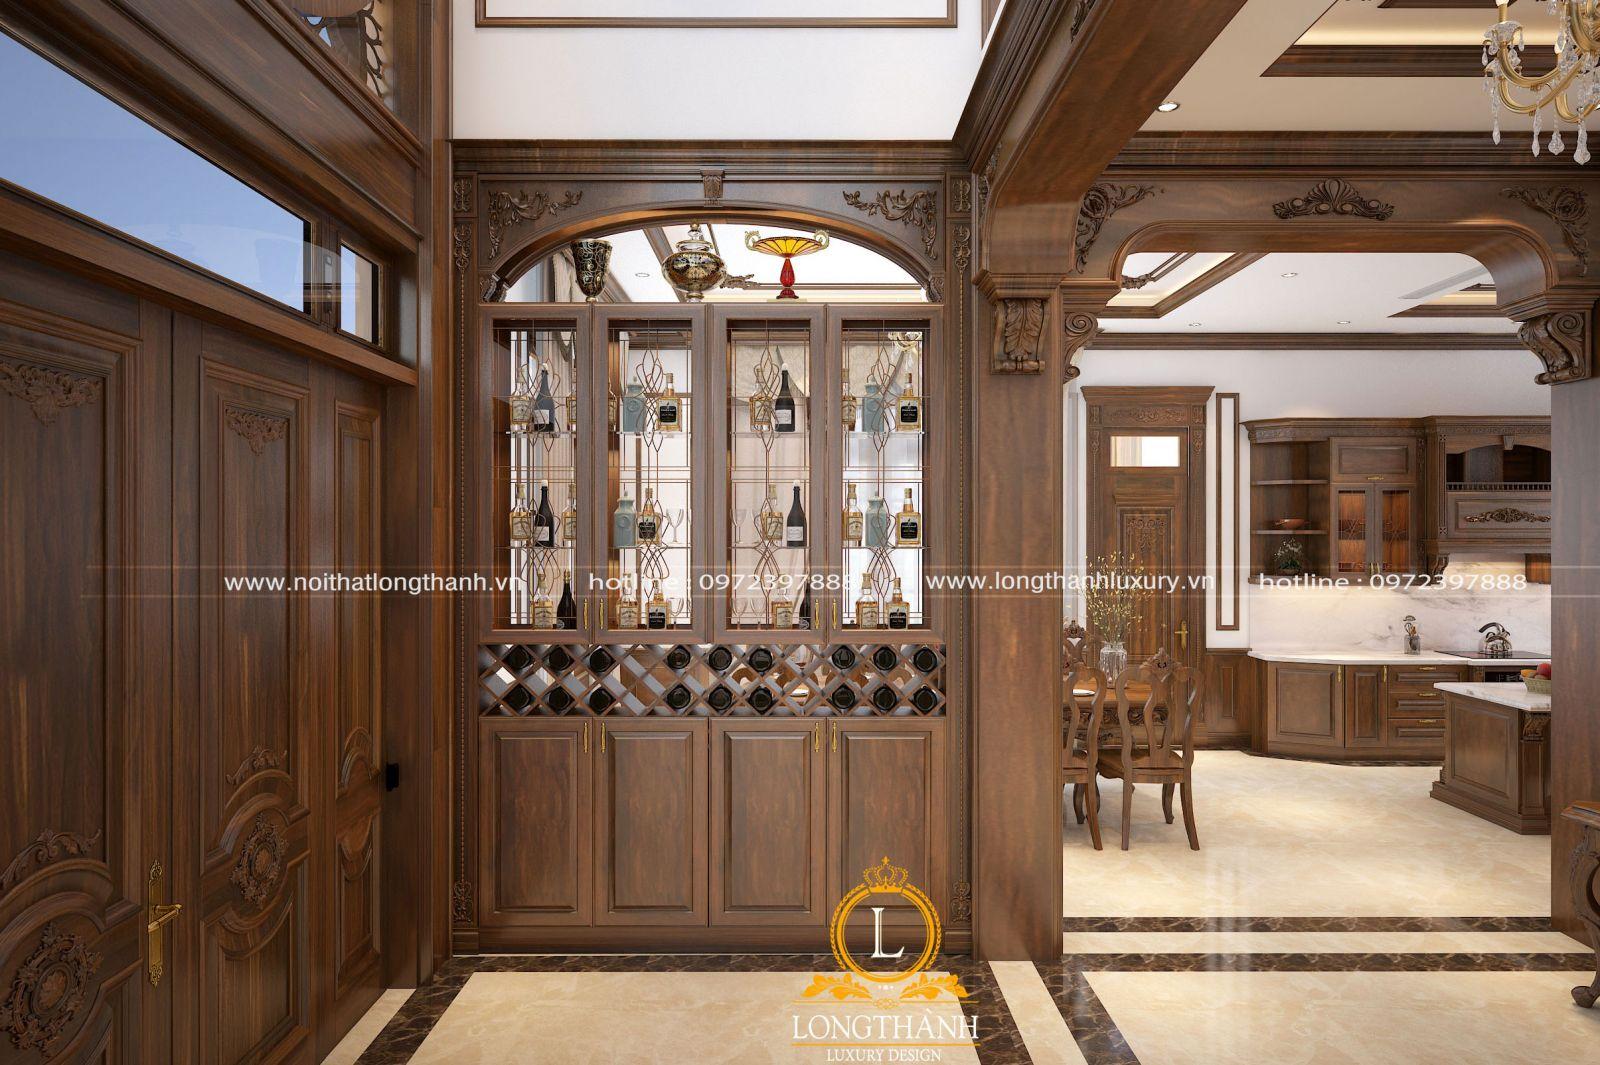 Vách ngăn phòng khách kết hợp tủ rượu sang trọng